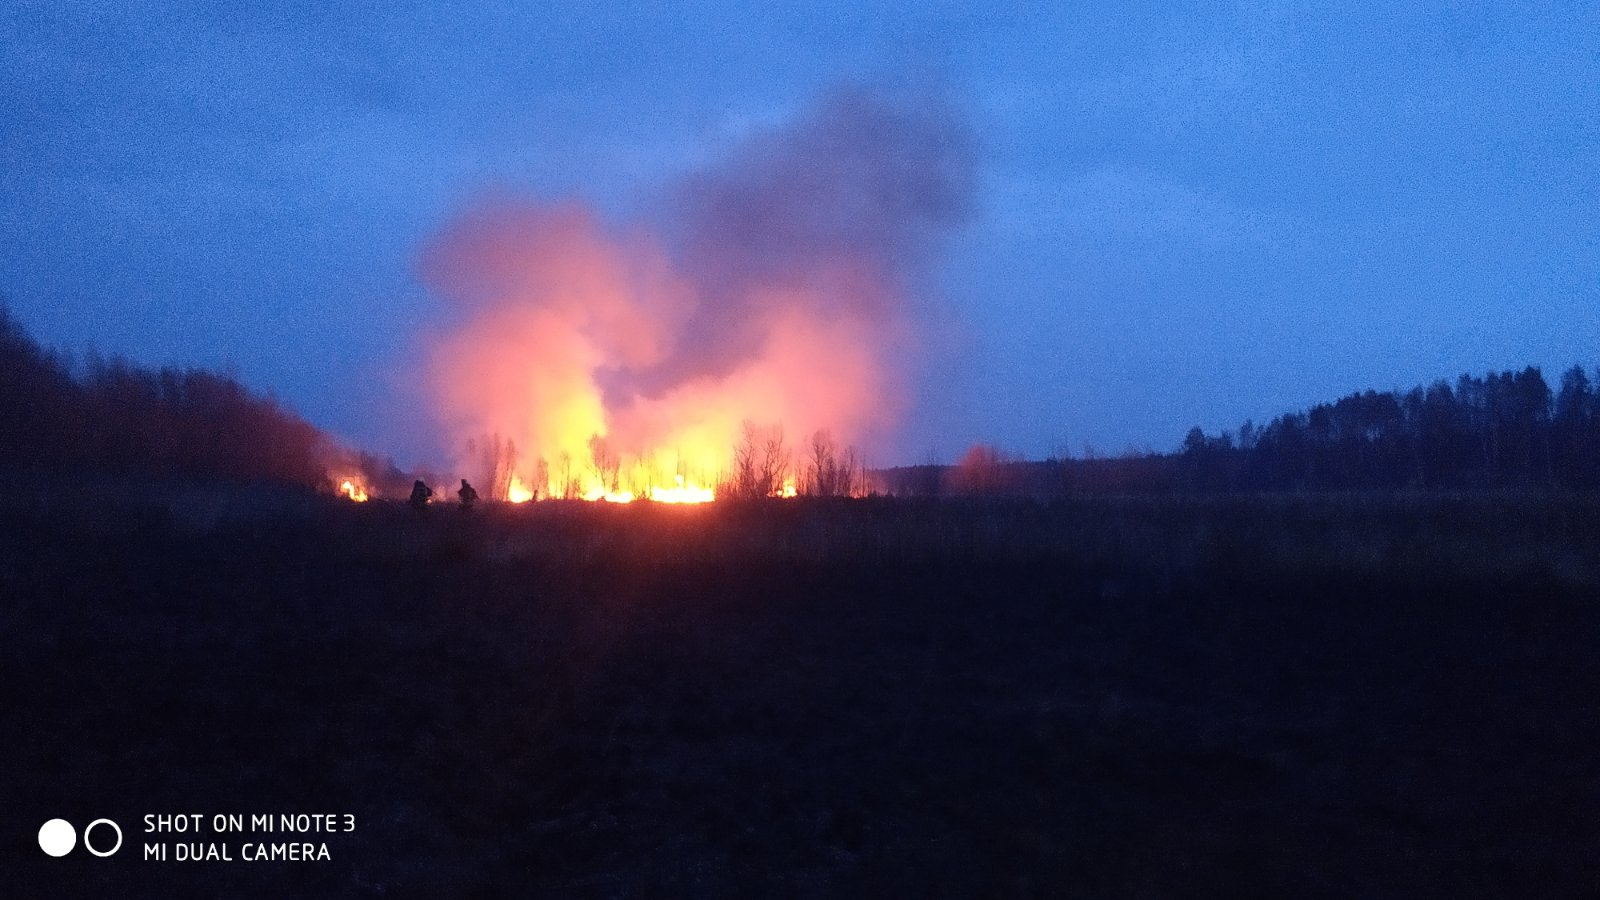 Irp-suh-trava-3 Пекельний вікенд: 5 загорань трав'яного настилу приборкали рятувальники Ірпінського регіону